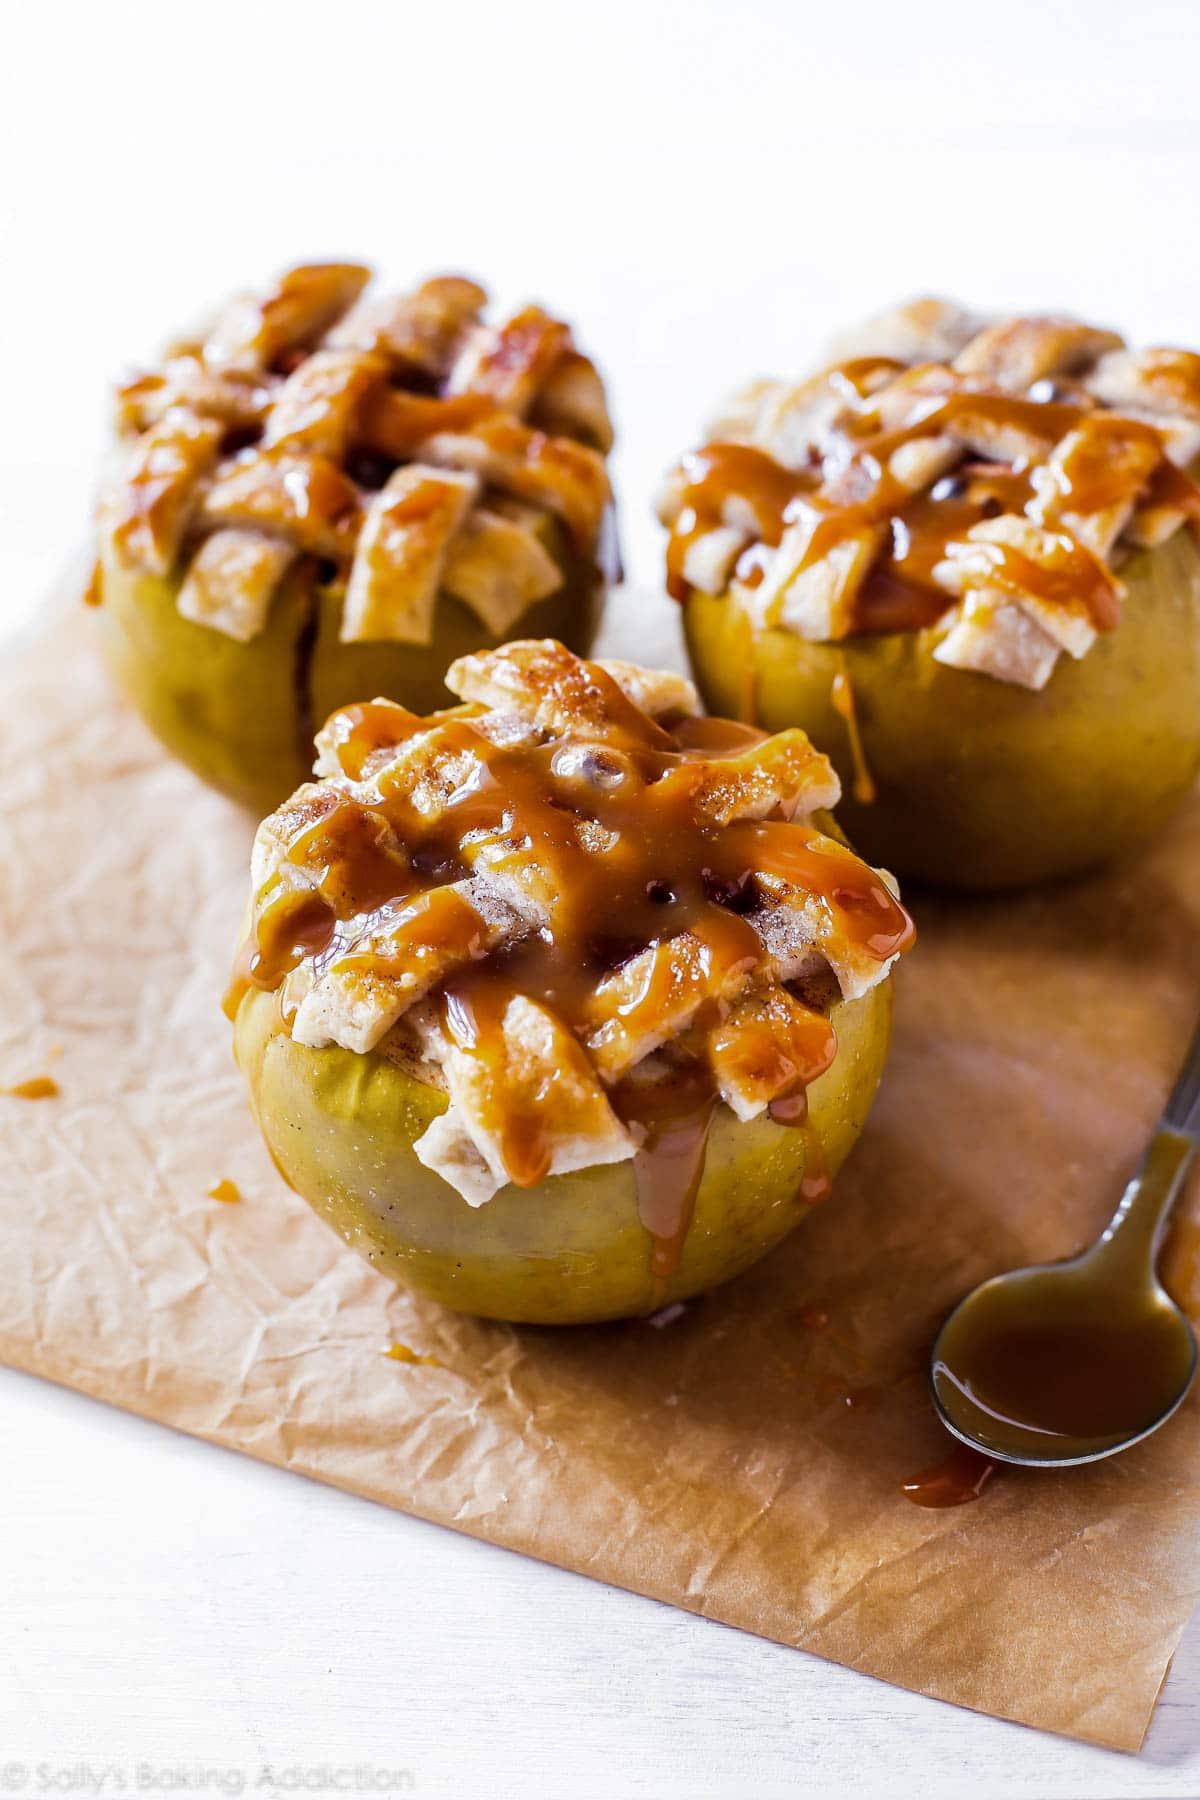 Tarte aux pommes cuite dans une pomme! Garni de croûte de tarte au beurre et de sauce au caramel salé. Recette facile de tarte aux pommes sur sallysbakingaddiction.com